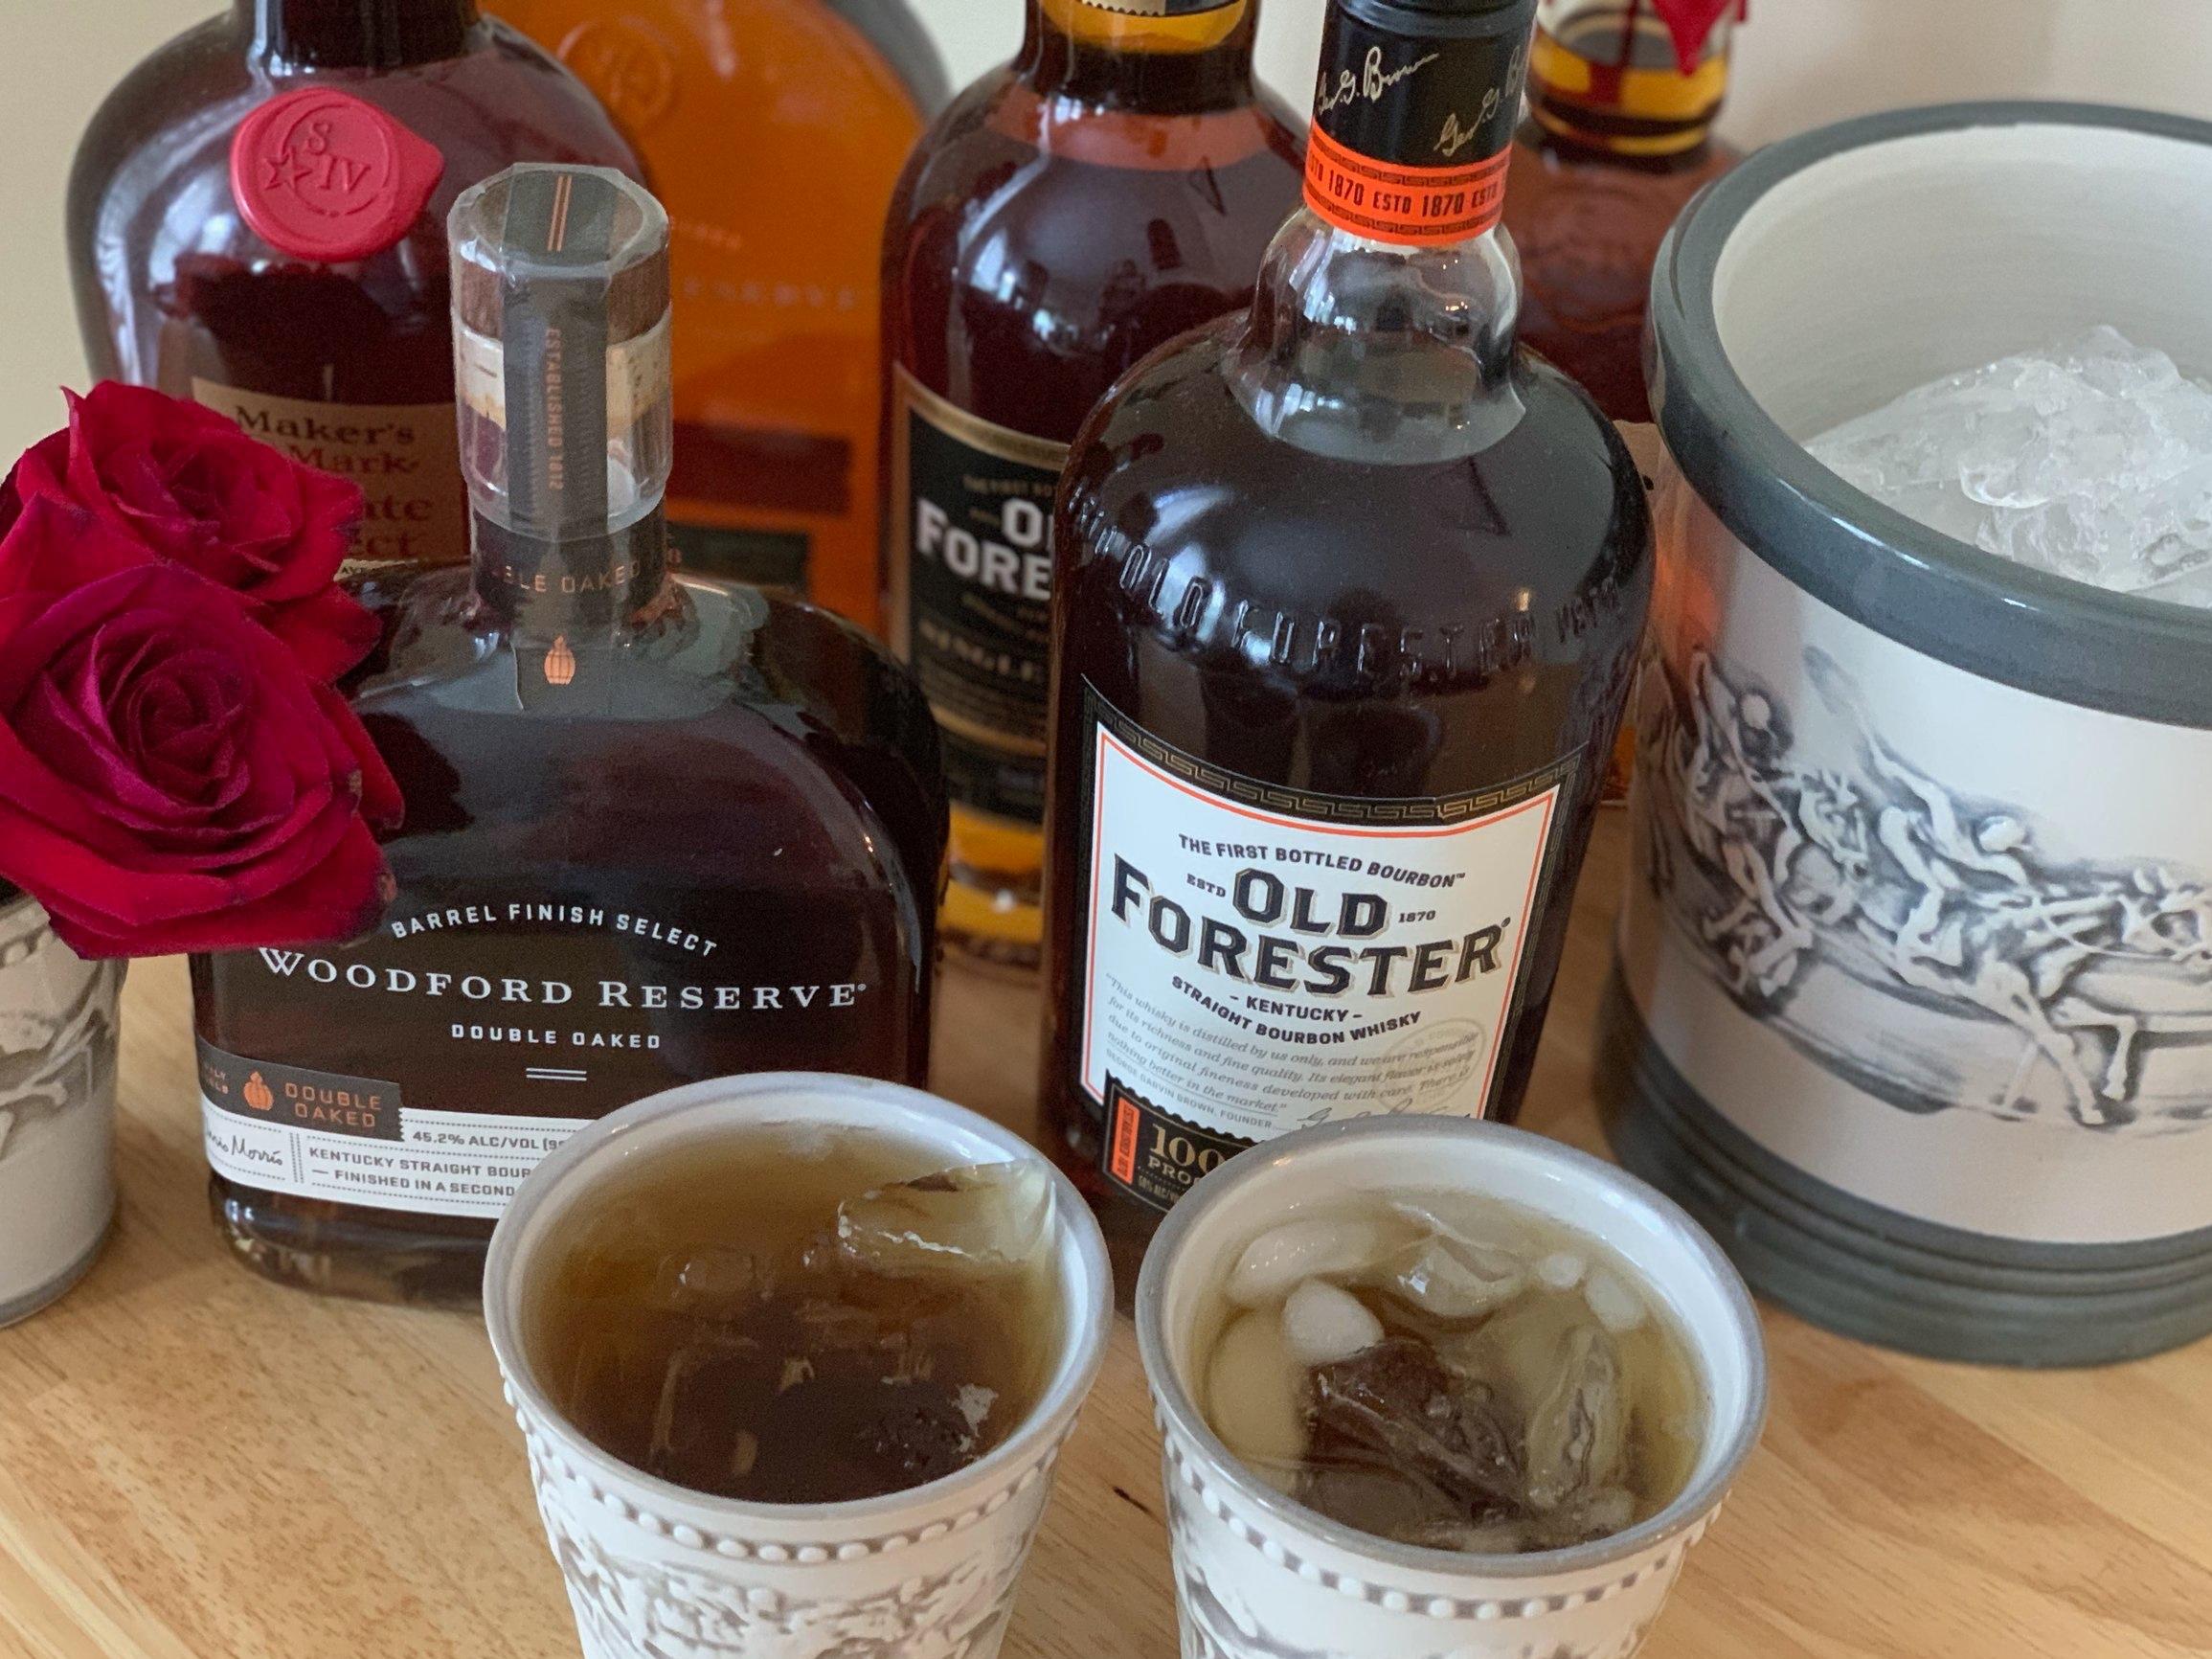 Kentucky bourbon bar